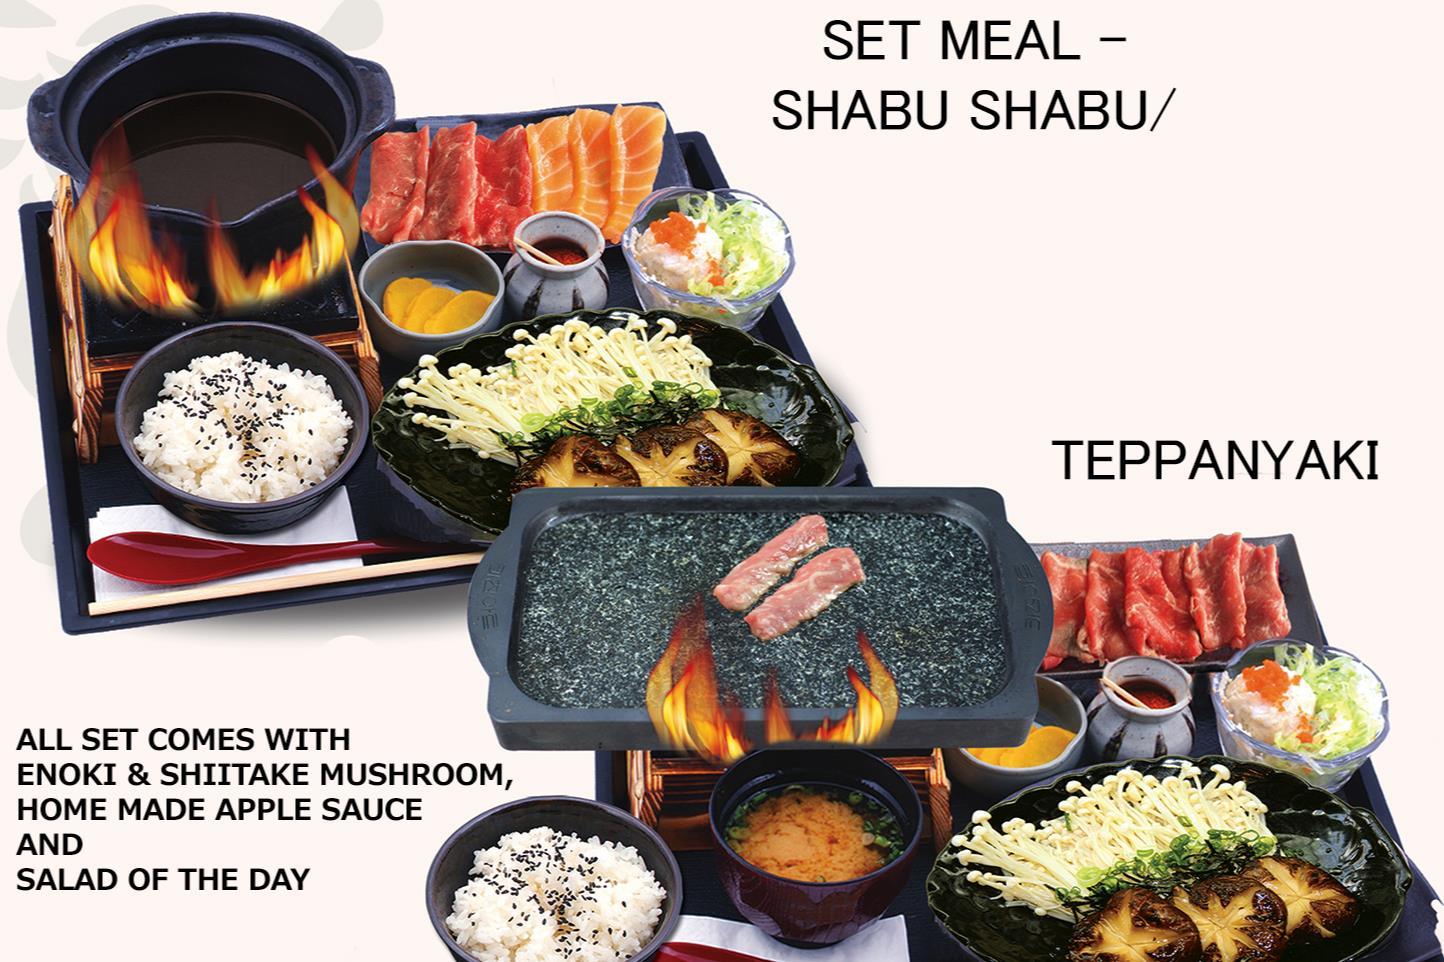 SHABU-SHABU/ TEPPANYAKI SET MEAL しゃぶしゃぶ /鉄板焼き定食